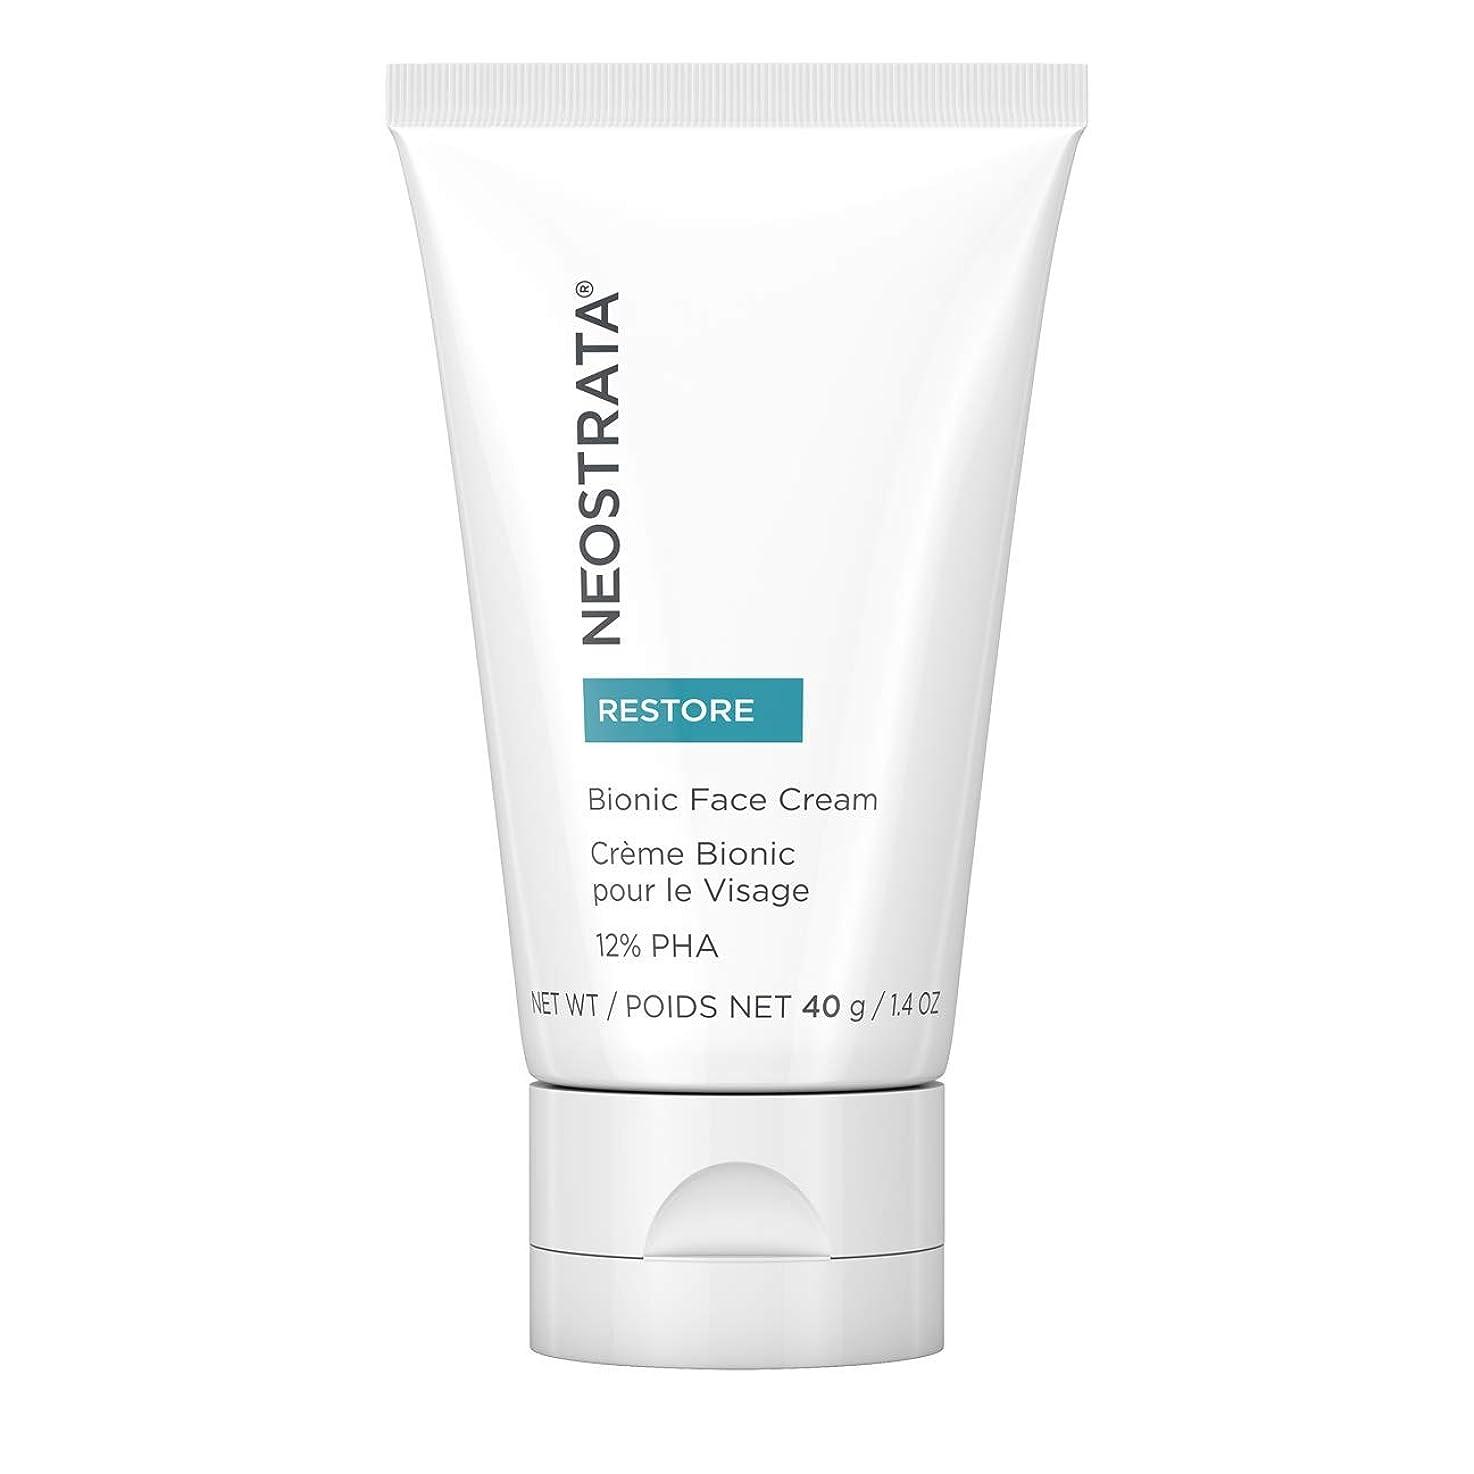 ノミネートファームレーザネオストラータ Restore - Bionic Face Cream 12% PHA 14g/1.4oz並行輸入品